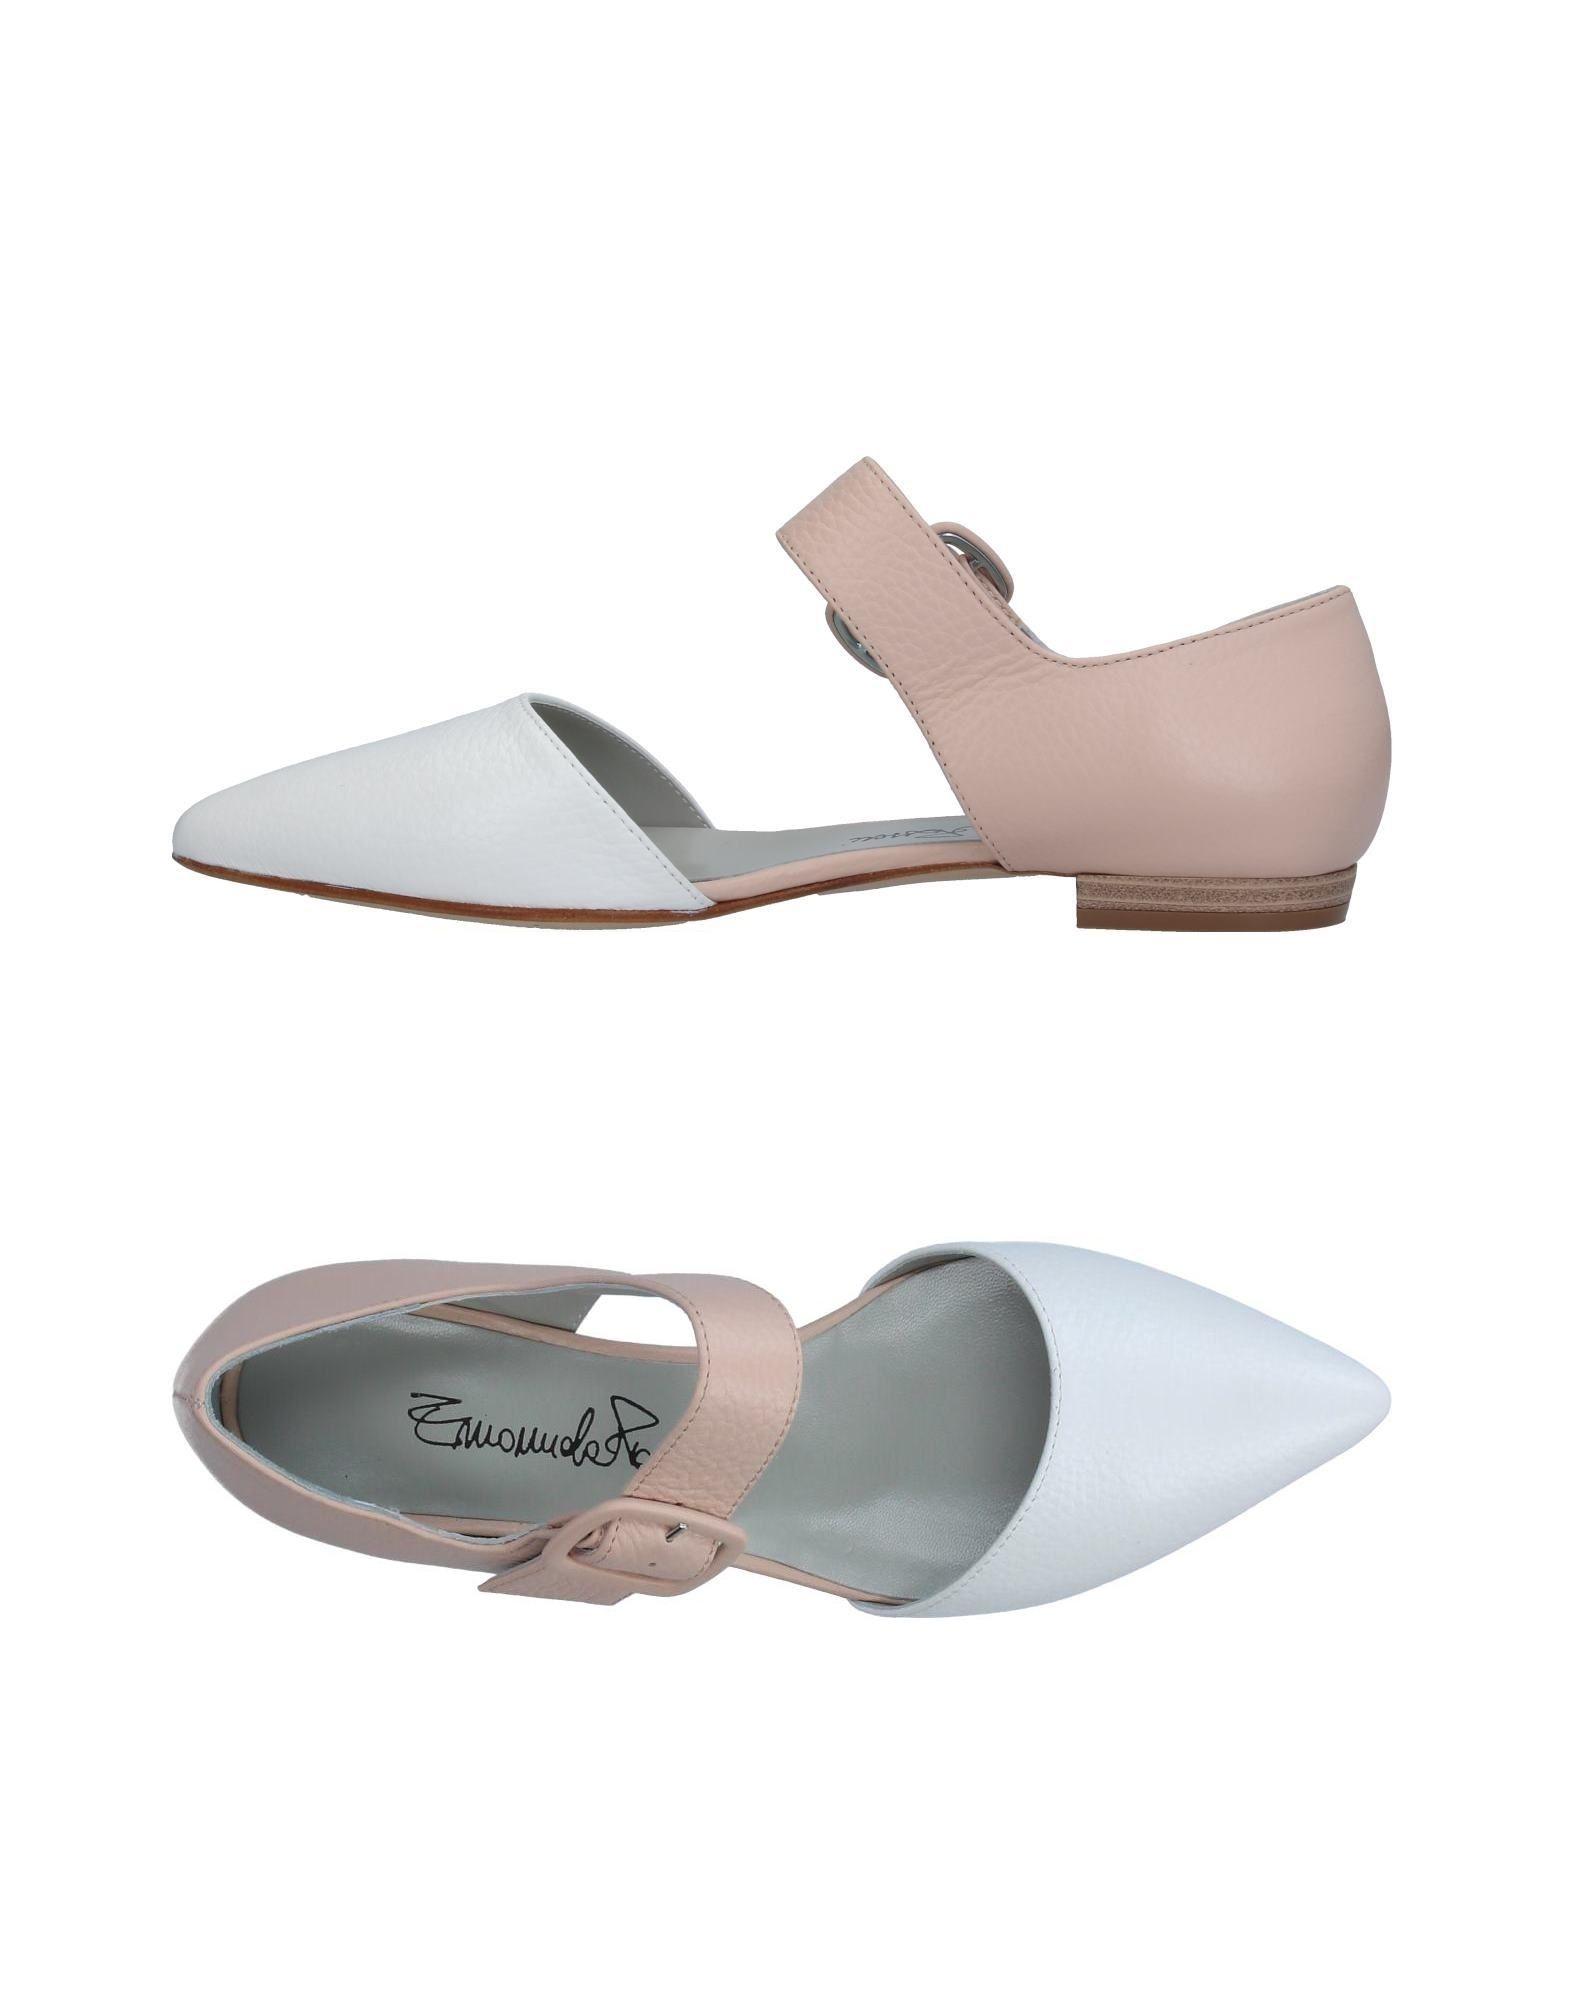 Emanuela Passeri Ballerinas Damen  11331604GO Gute Qualität beliebte Schuhe